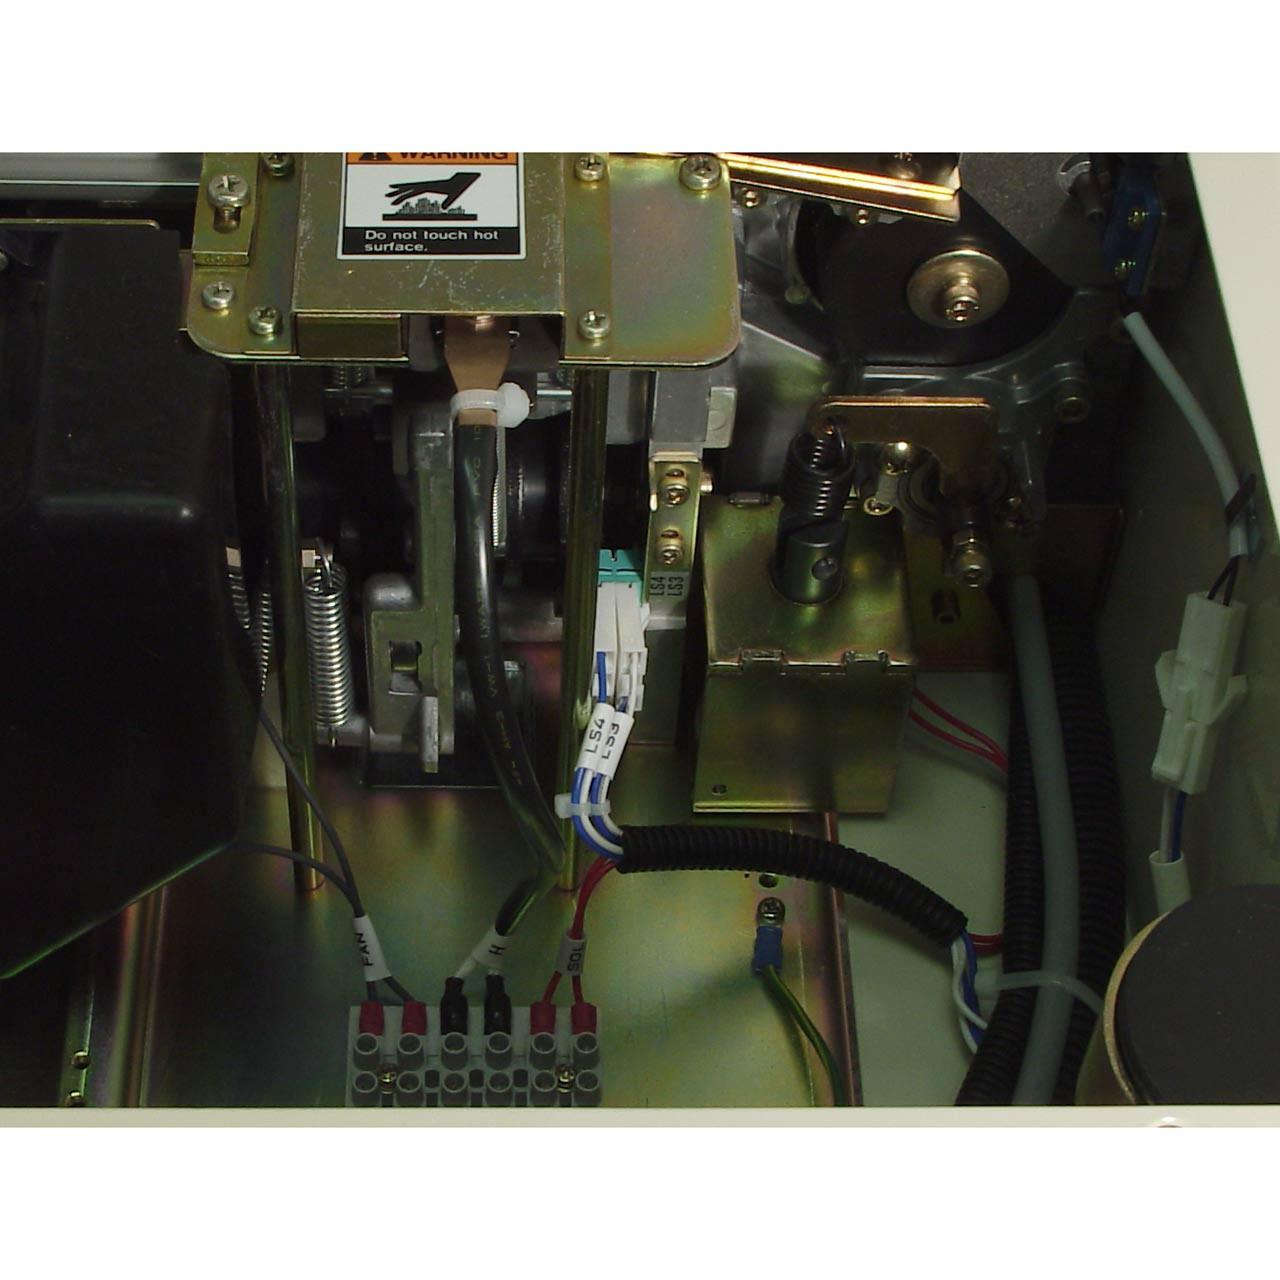 Semi-Auto Strapping Machine Inside View